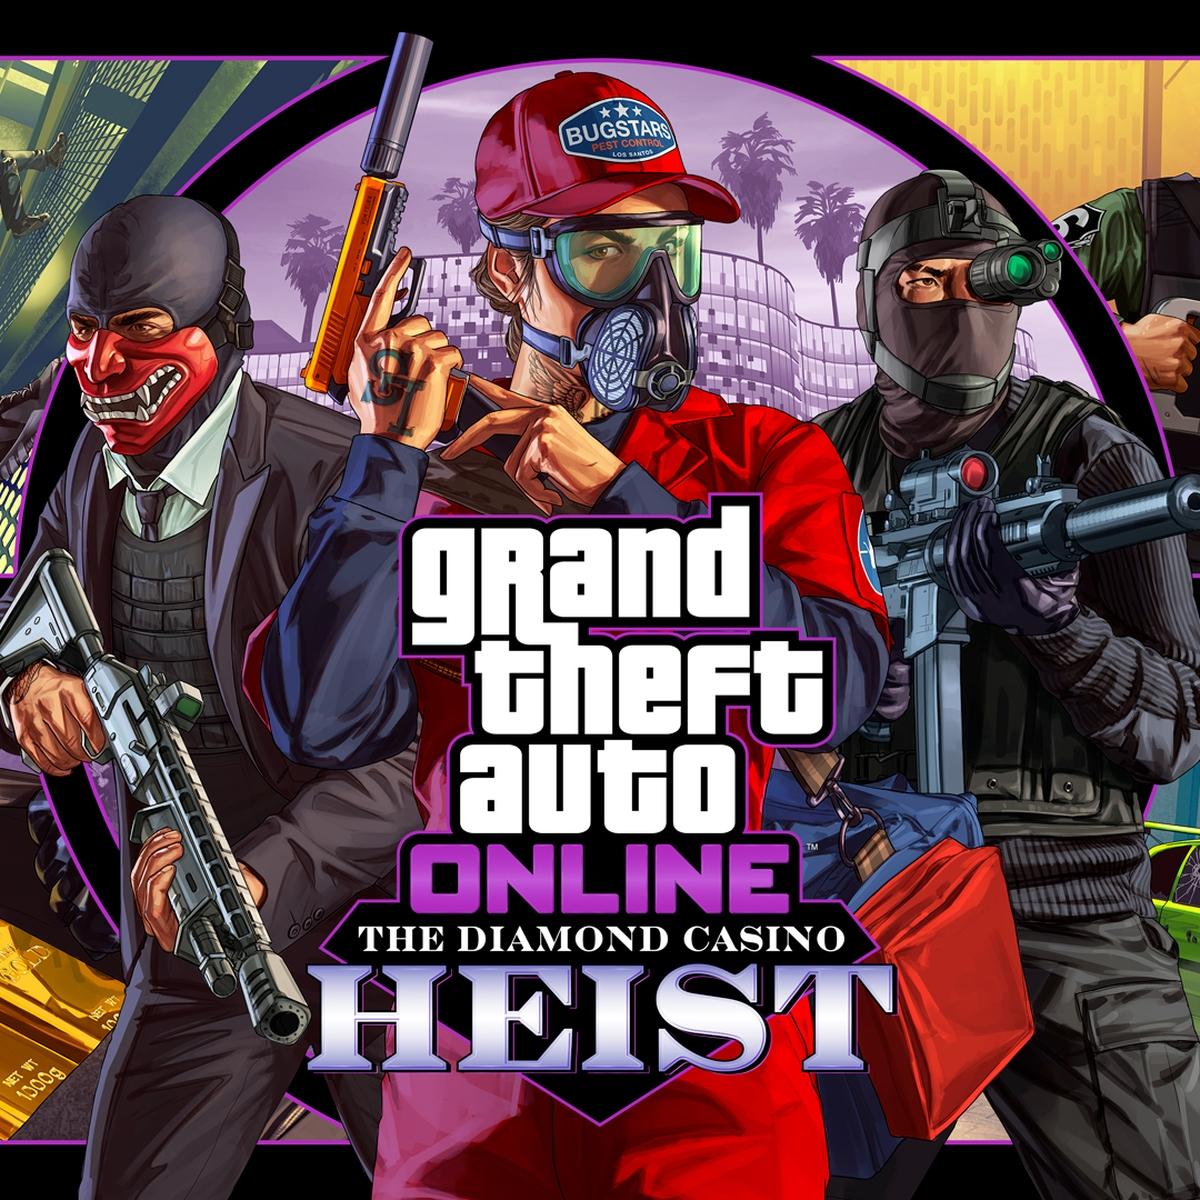 Смотреть фильм онлайн бесплатно ограбление казино вход казино фараон онлайн